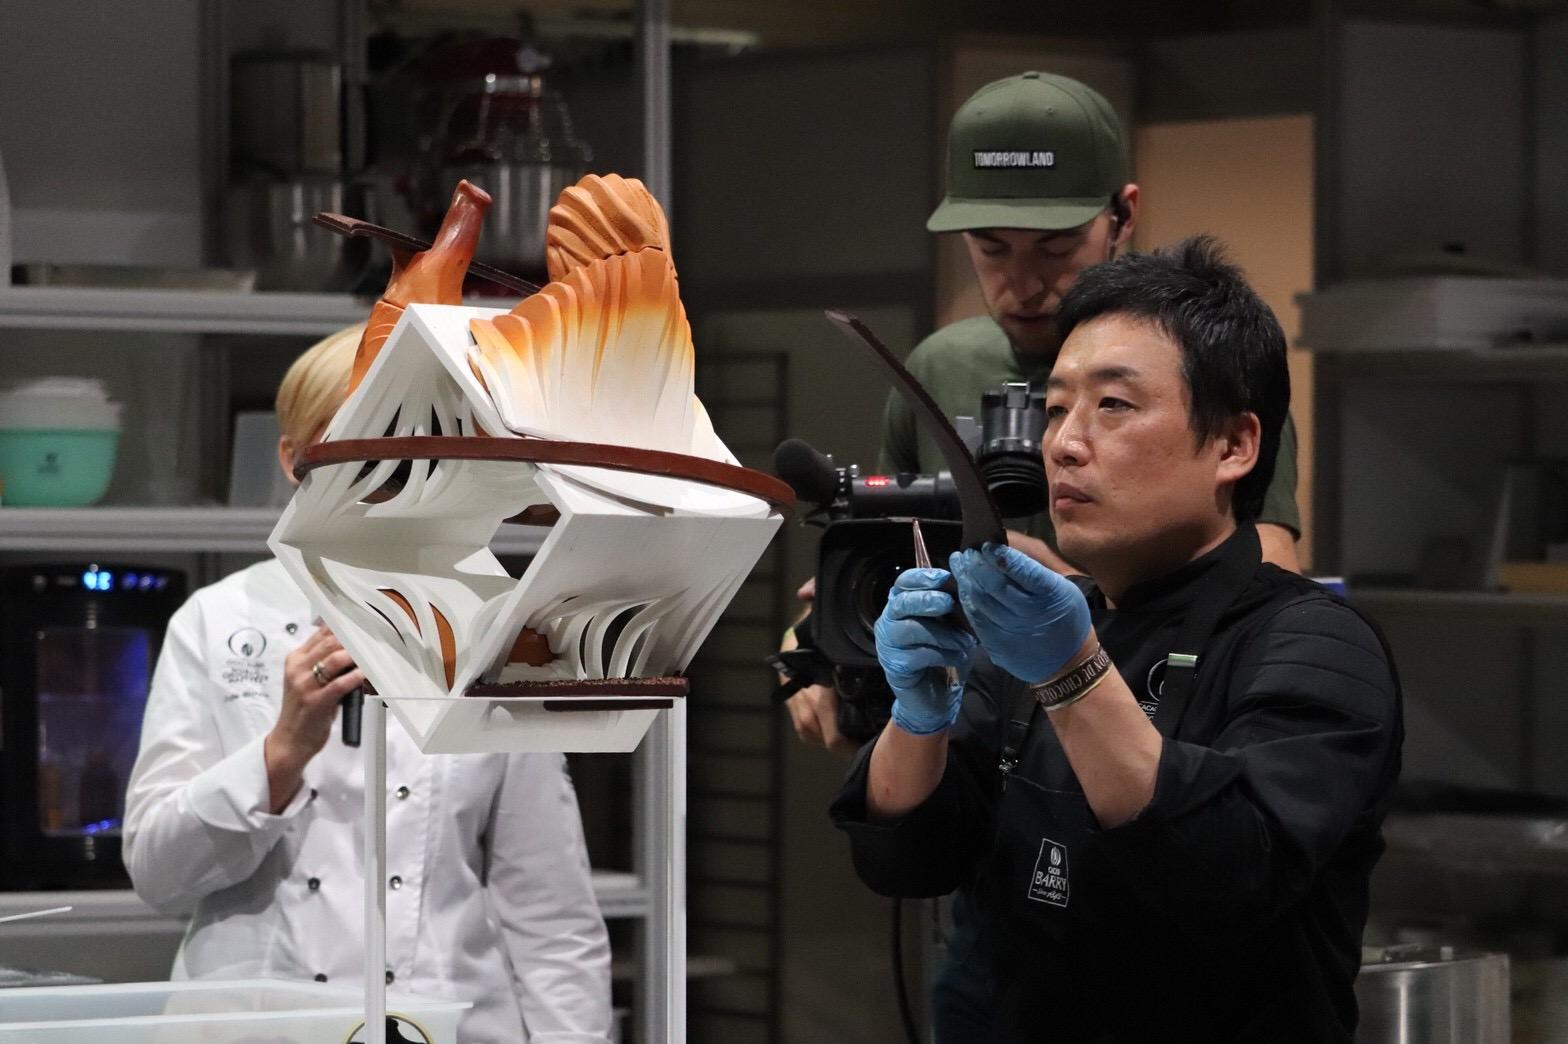 「ワールドチョコレートマスターズ2018」で弊社テクニカル・アドバイザー・垣本晃宏が世界4位に輝きました!